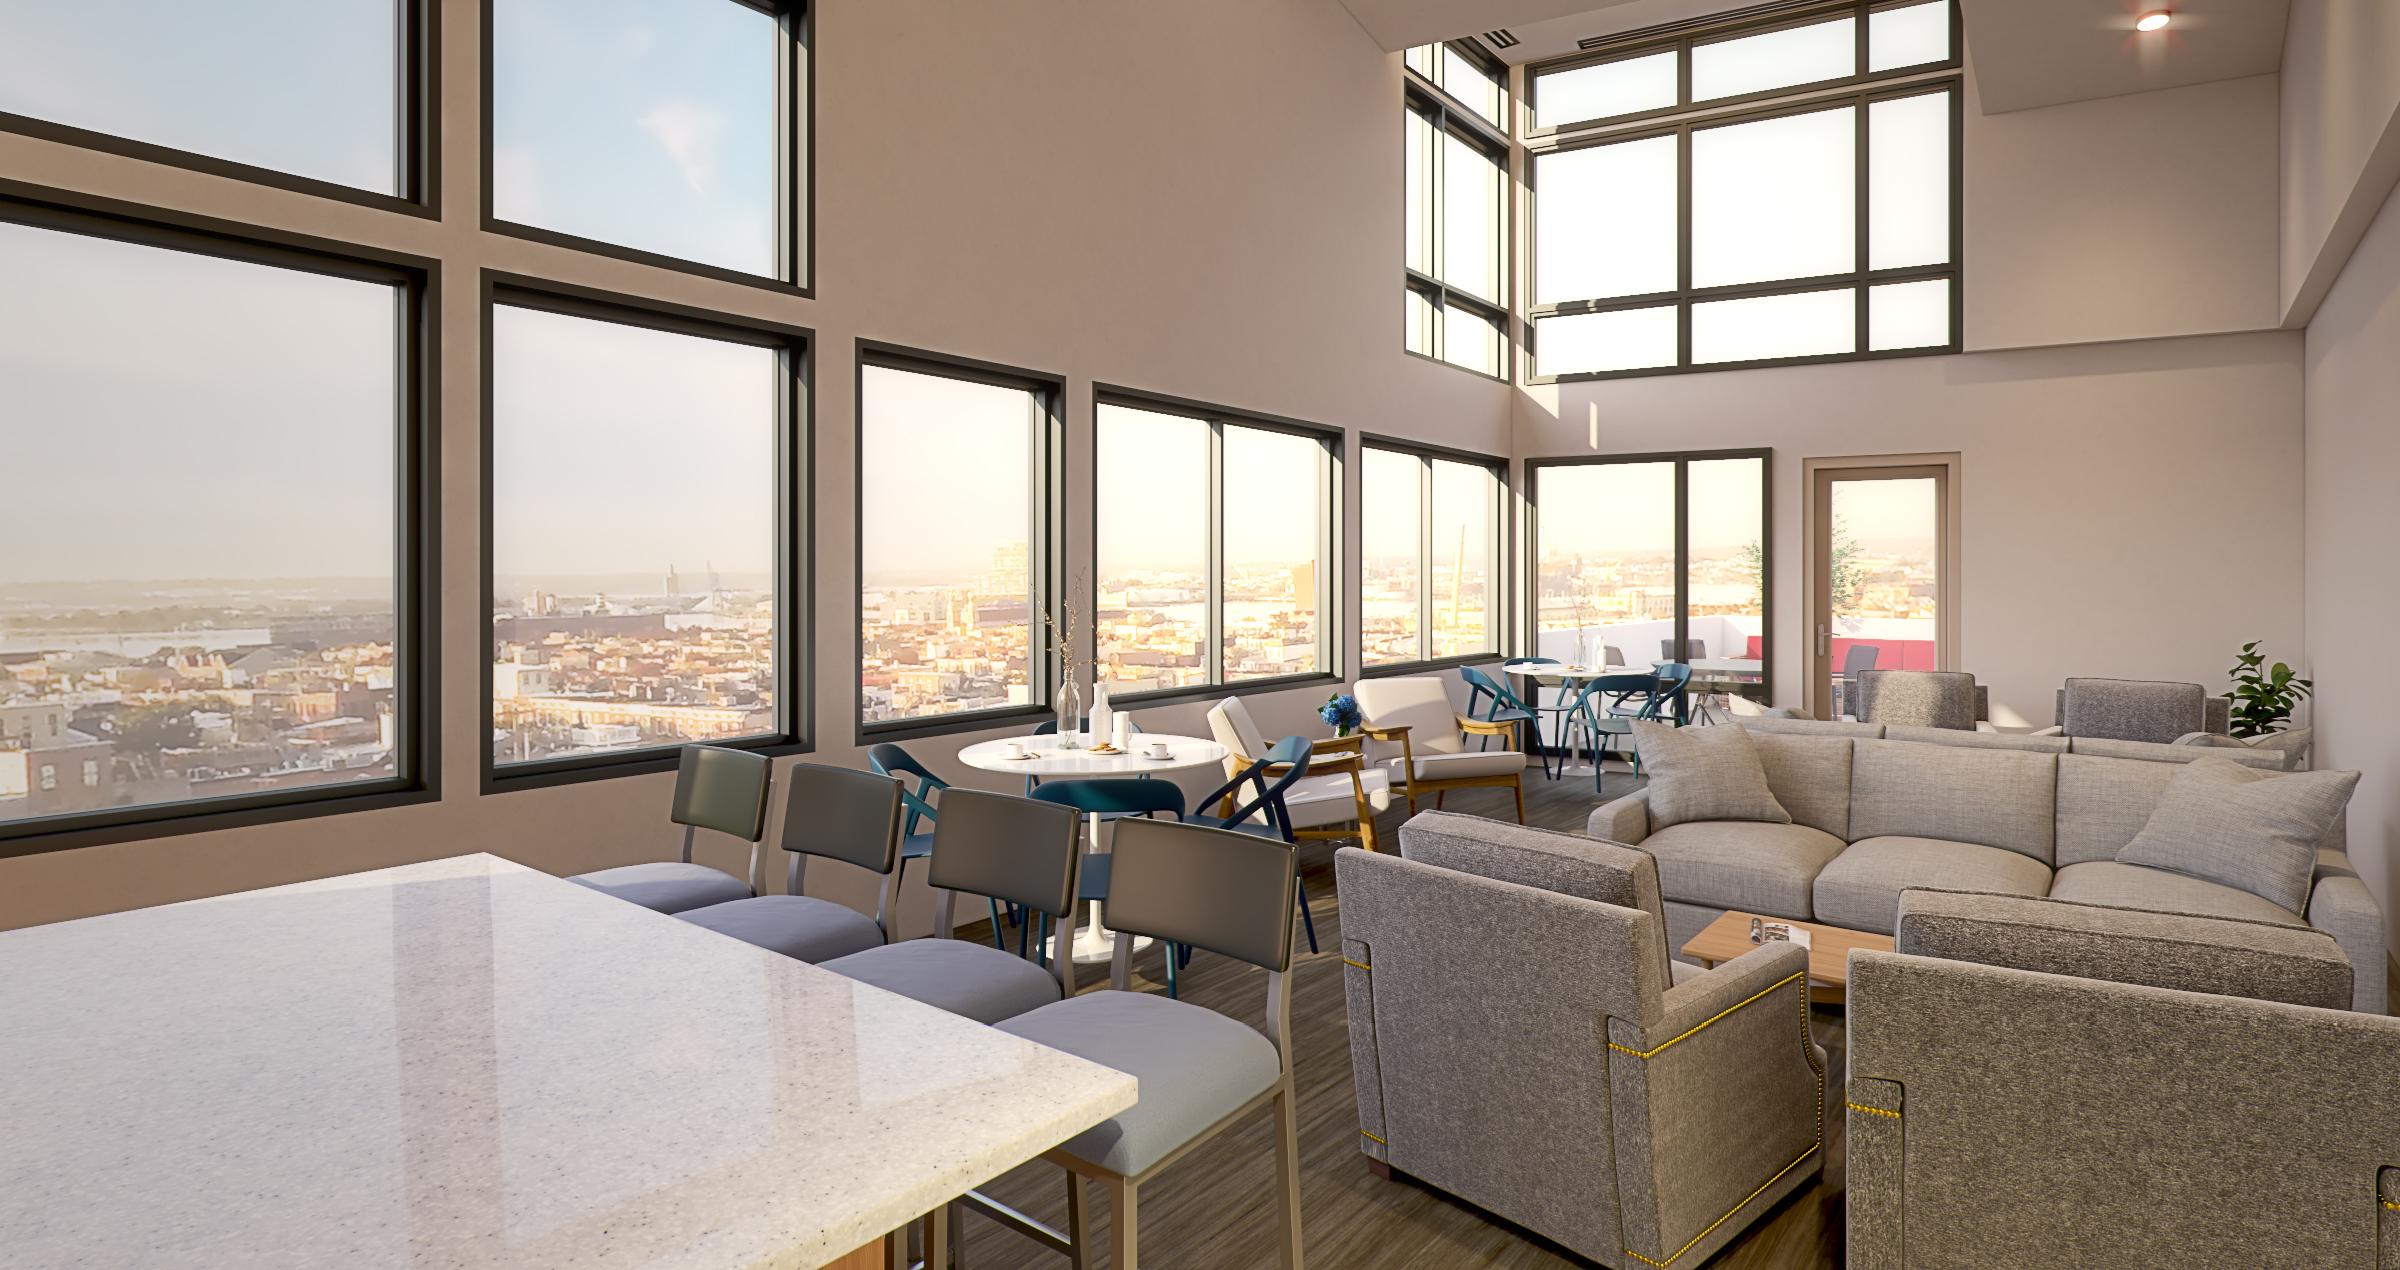 Haus Interior Design highland haus apartments now leasing